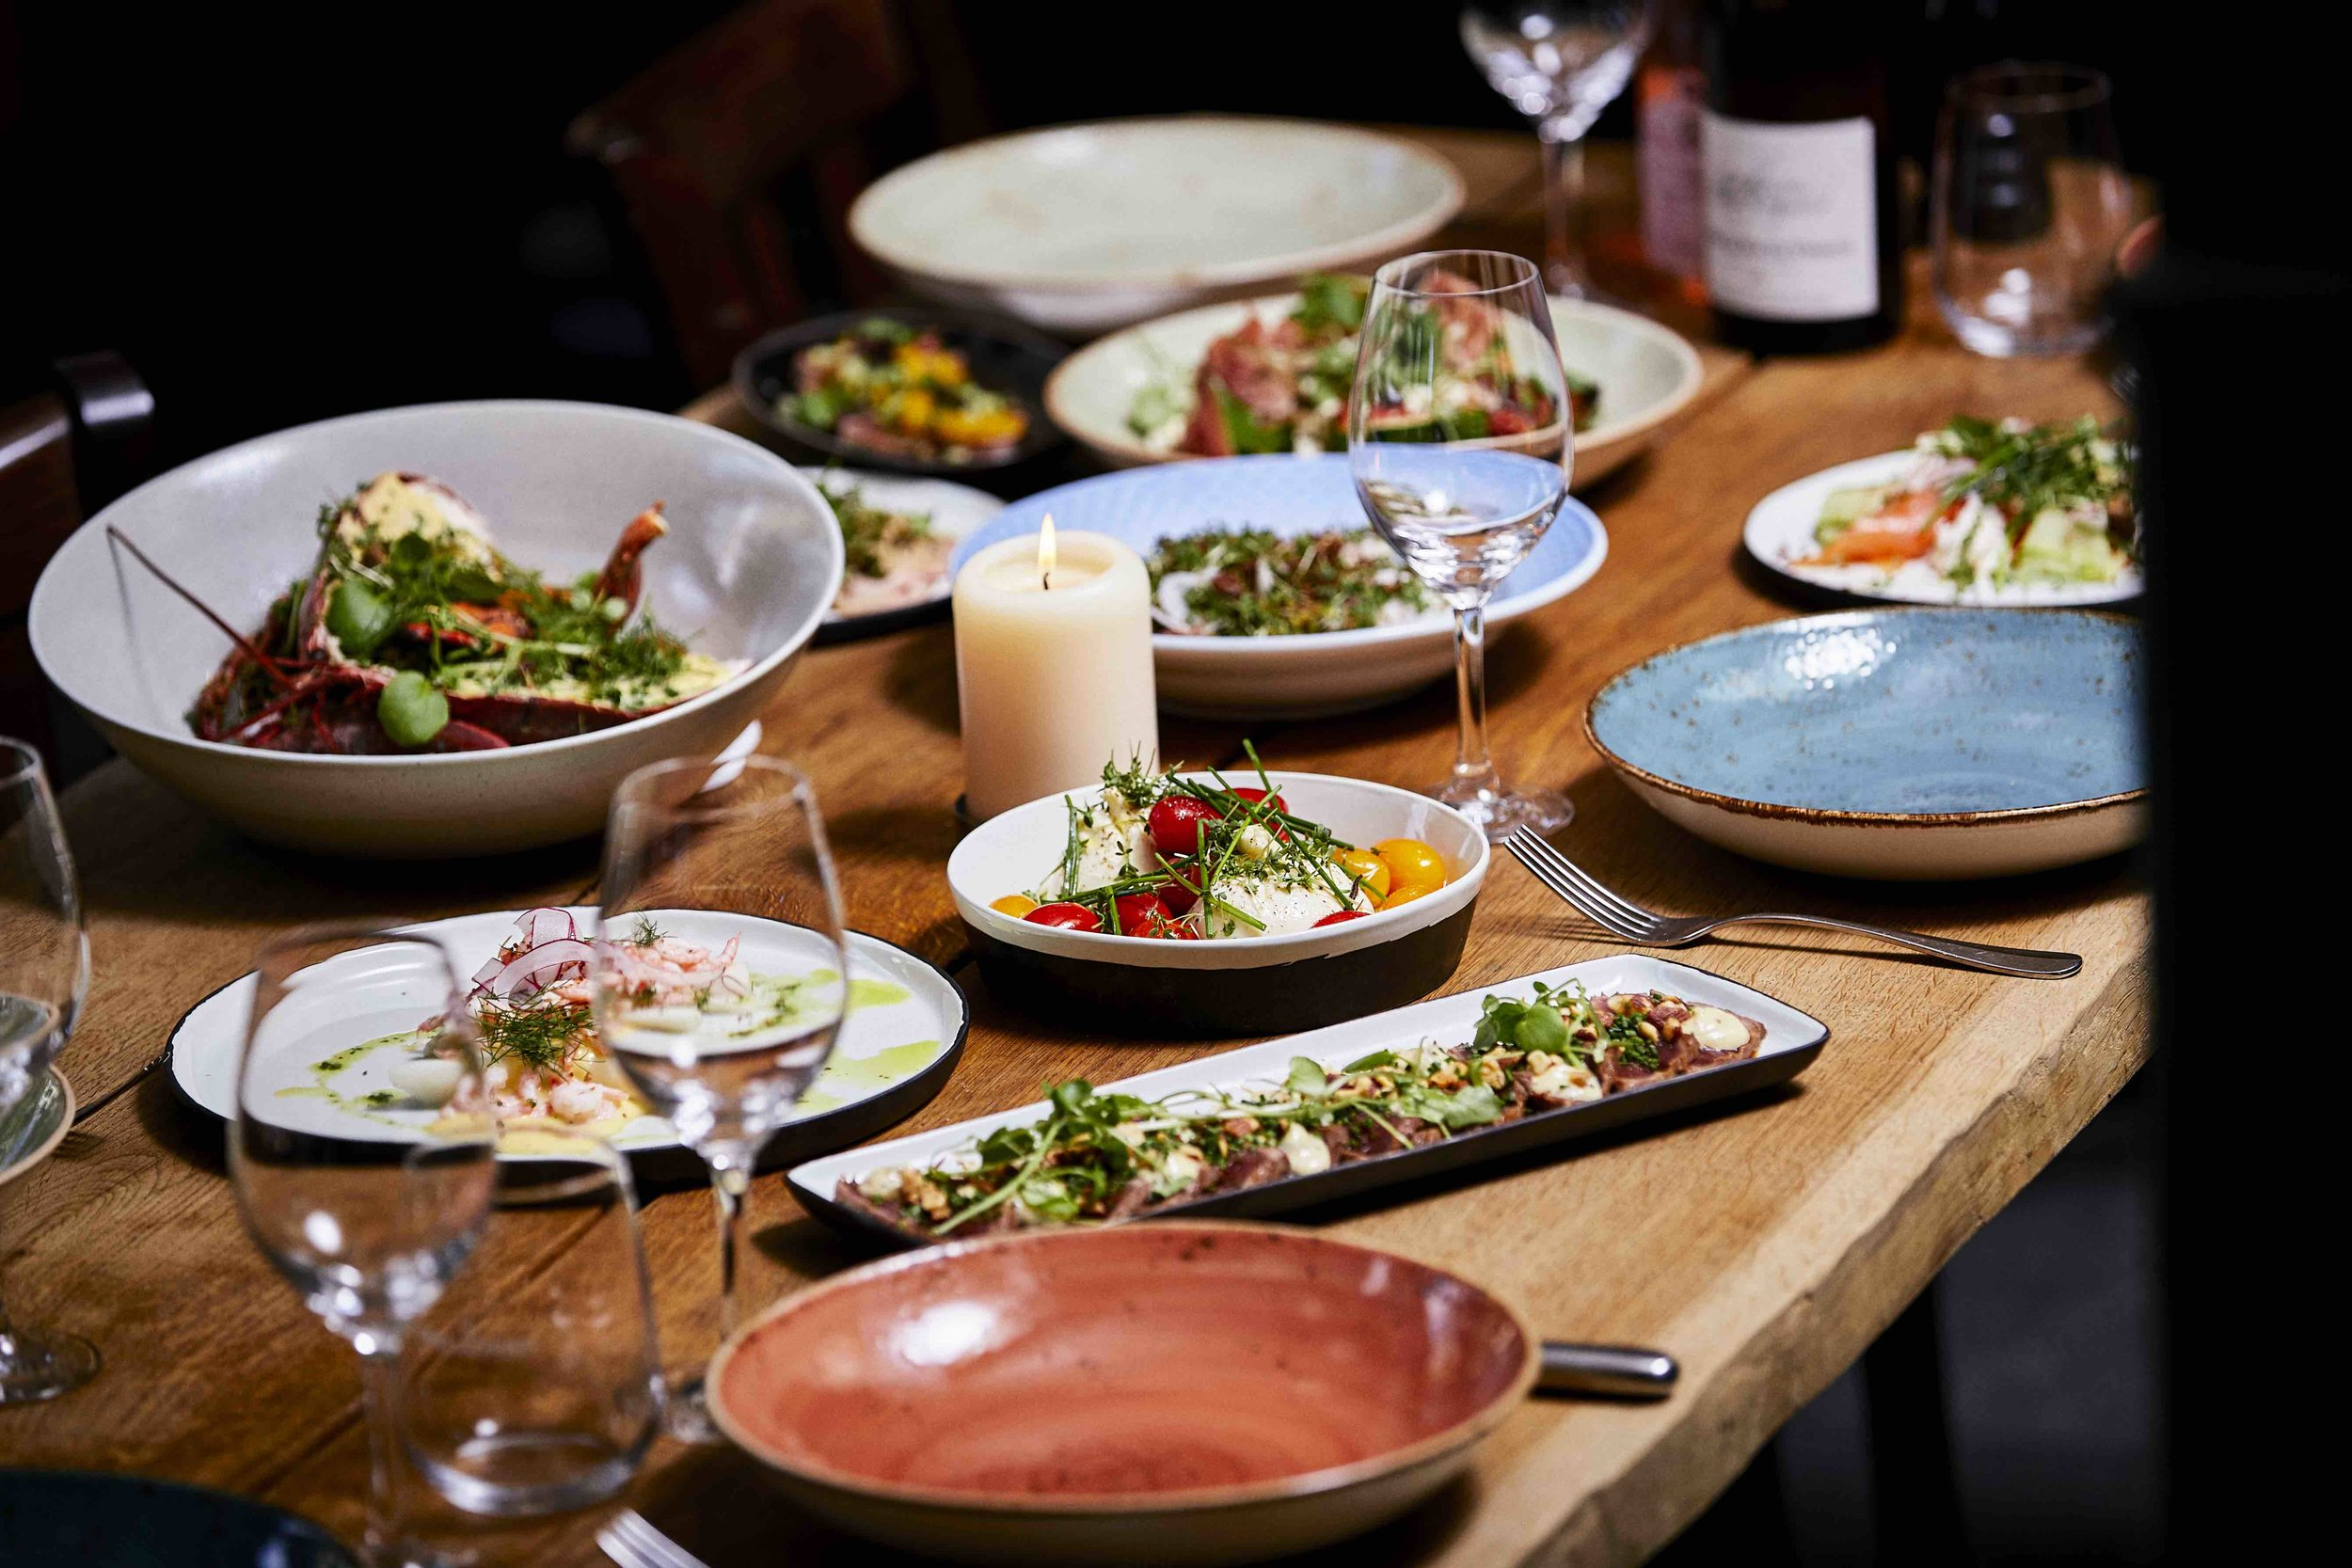 Luksus catering - Vi tilbyder vores populære 5 og 7 retters serveringsklare sharingmenuer ud af huset. Se priser og indholdet af menuerne i vores menukort HER. For bestilling send en mail til kontakt@sanmarcojunior.dk*bemærk at menuen skifter med årstiderne